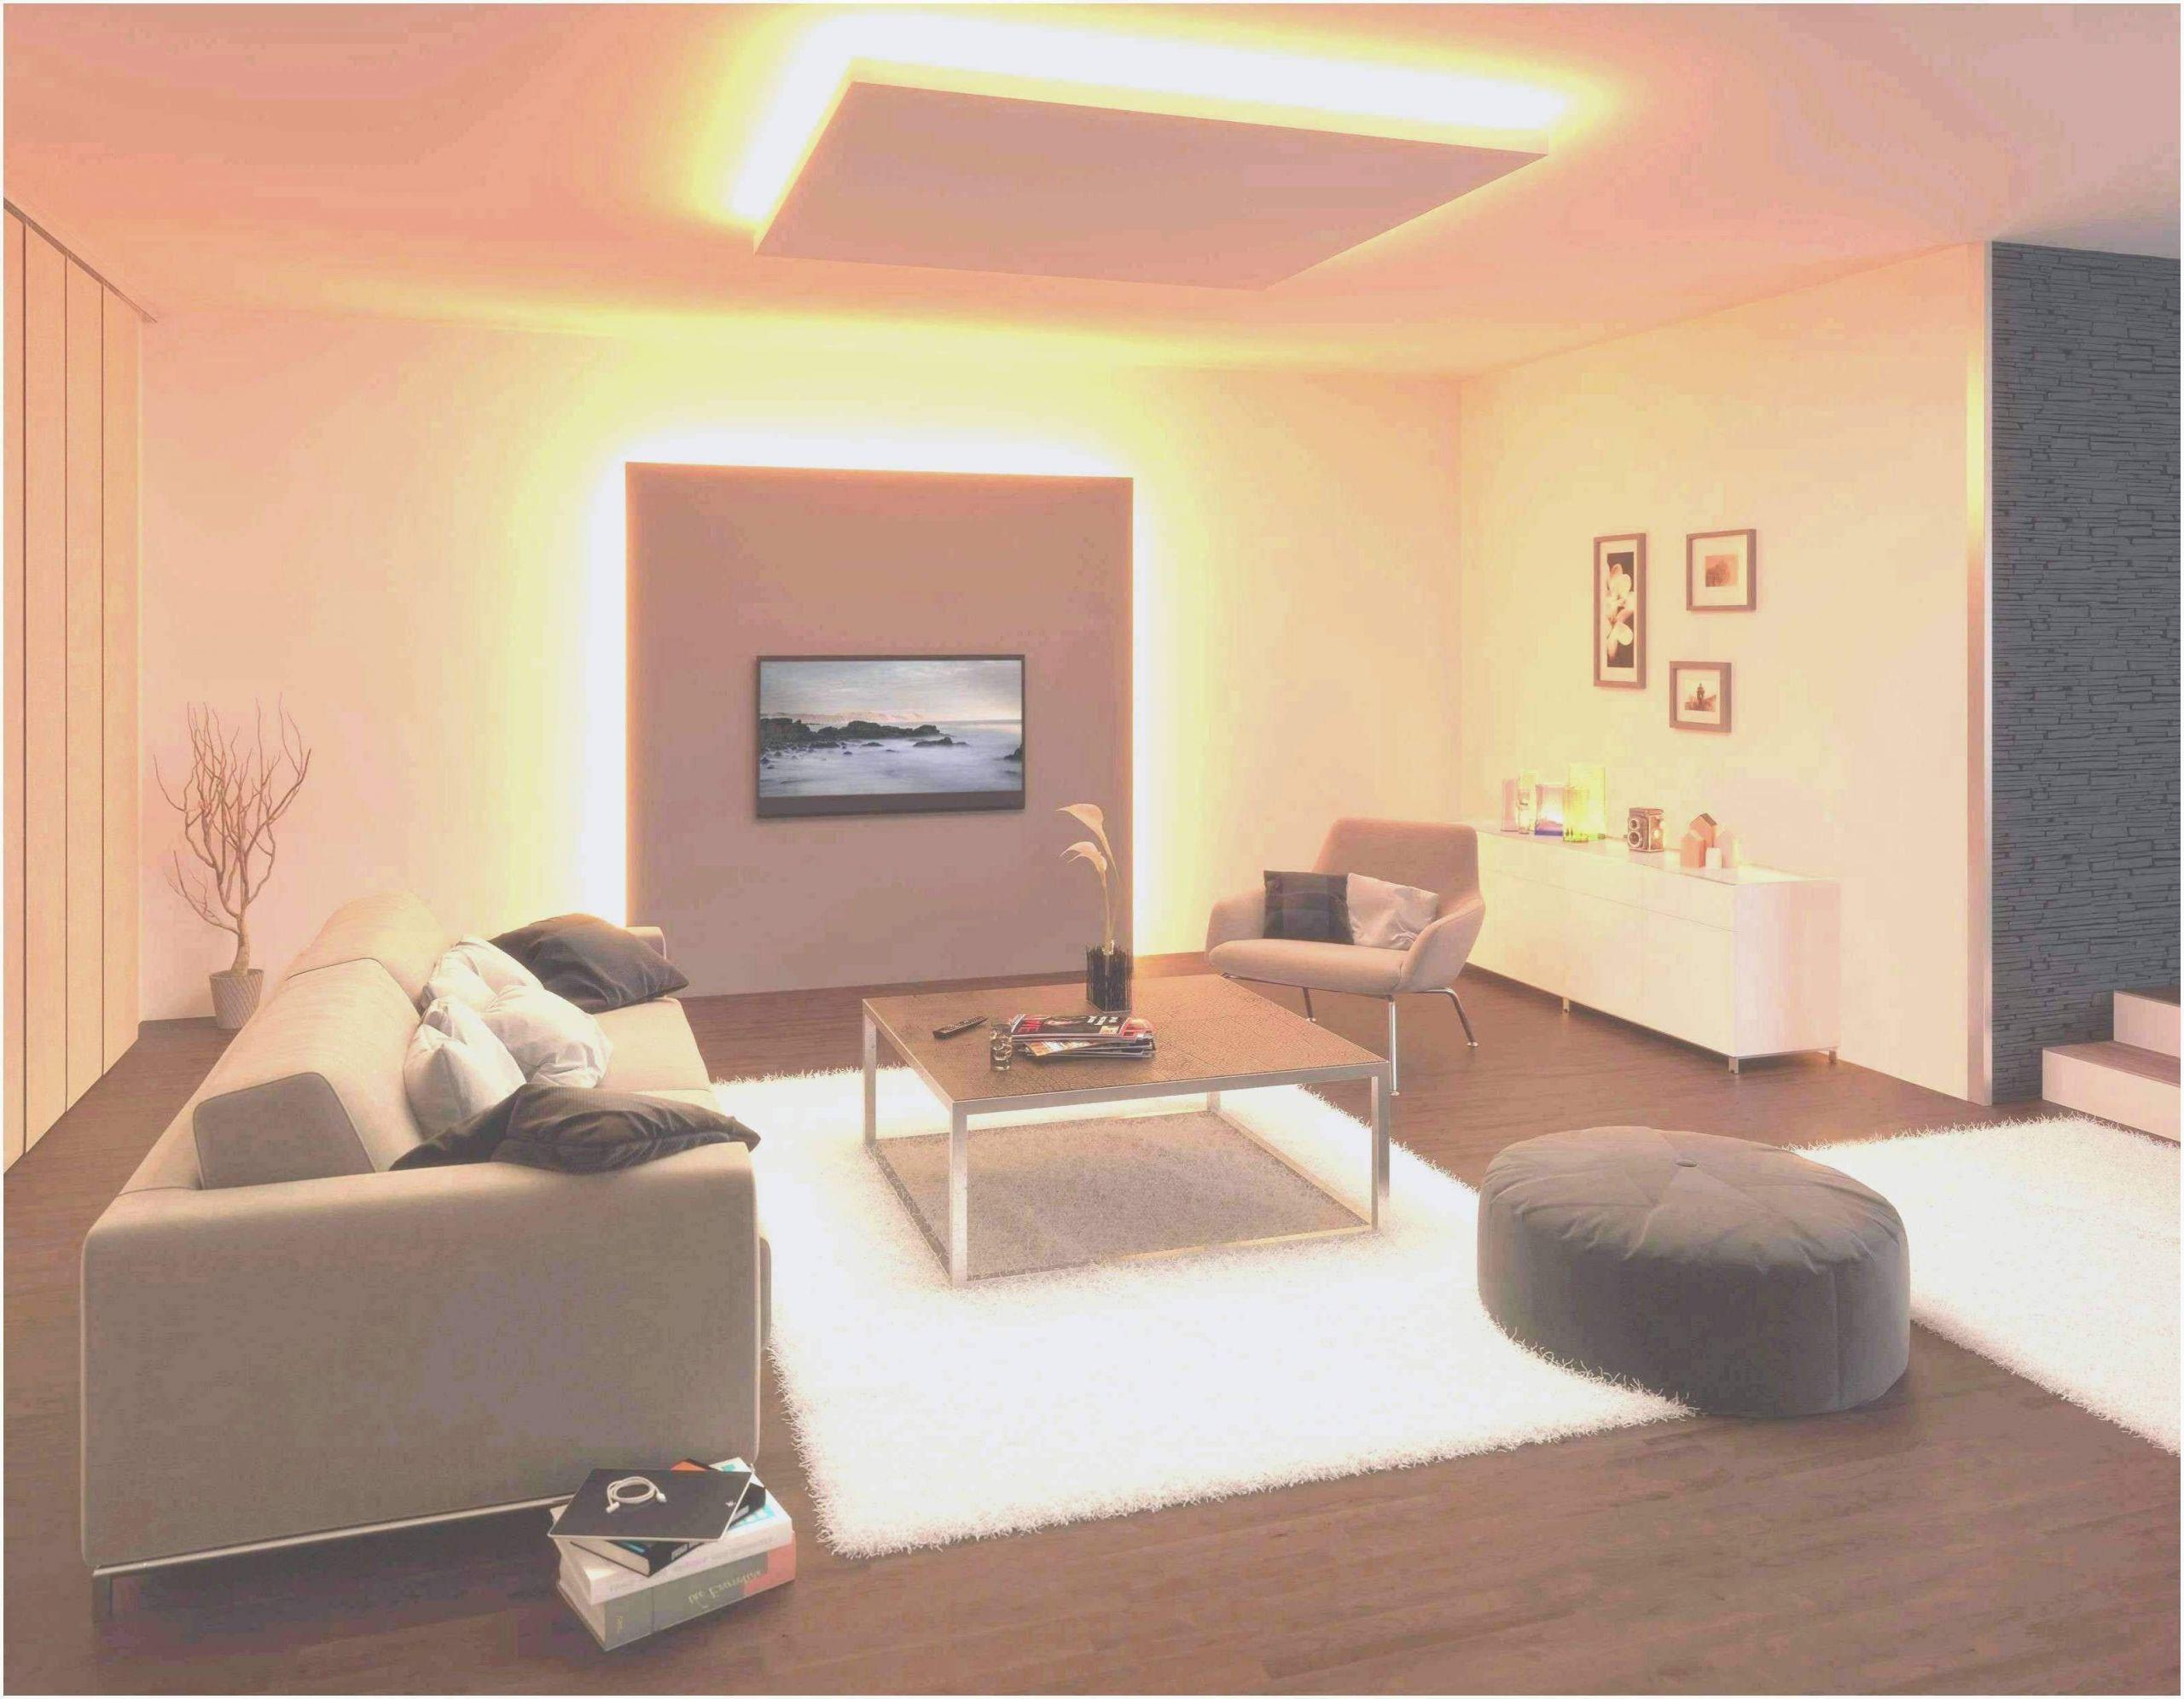 Full Size of Lampen Wohnzimmer Decke Ikea 38 Luxus Reizend Frisch Sofa Kleines Relaxliege Tagesdecken Für Betten Deckenlampen Wandtattoos Badezimmer Designer Esstisch Wohnzimmer Lampen Wohnzimmer Decke Ikea